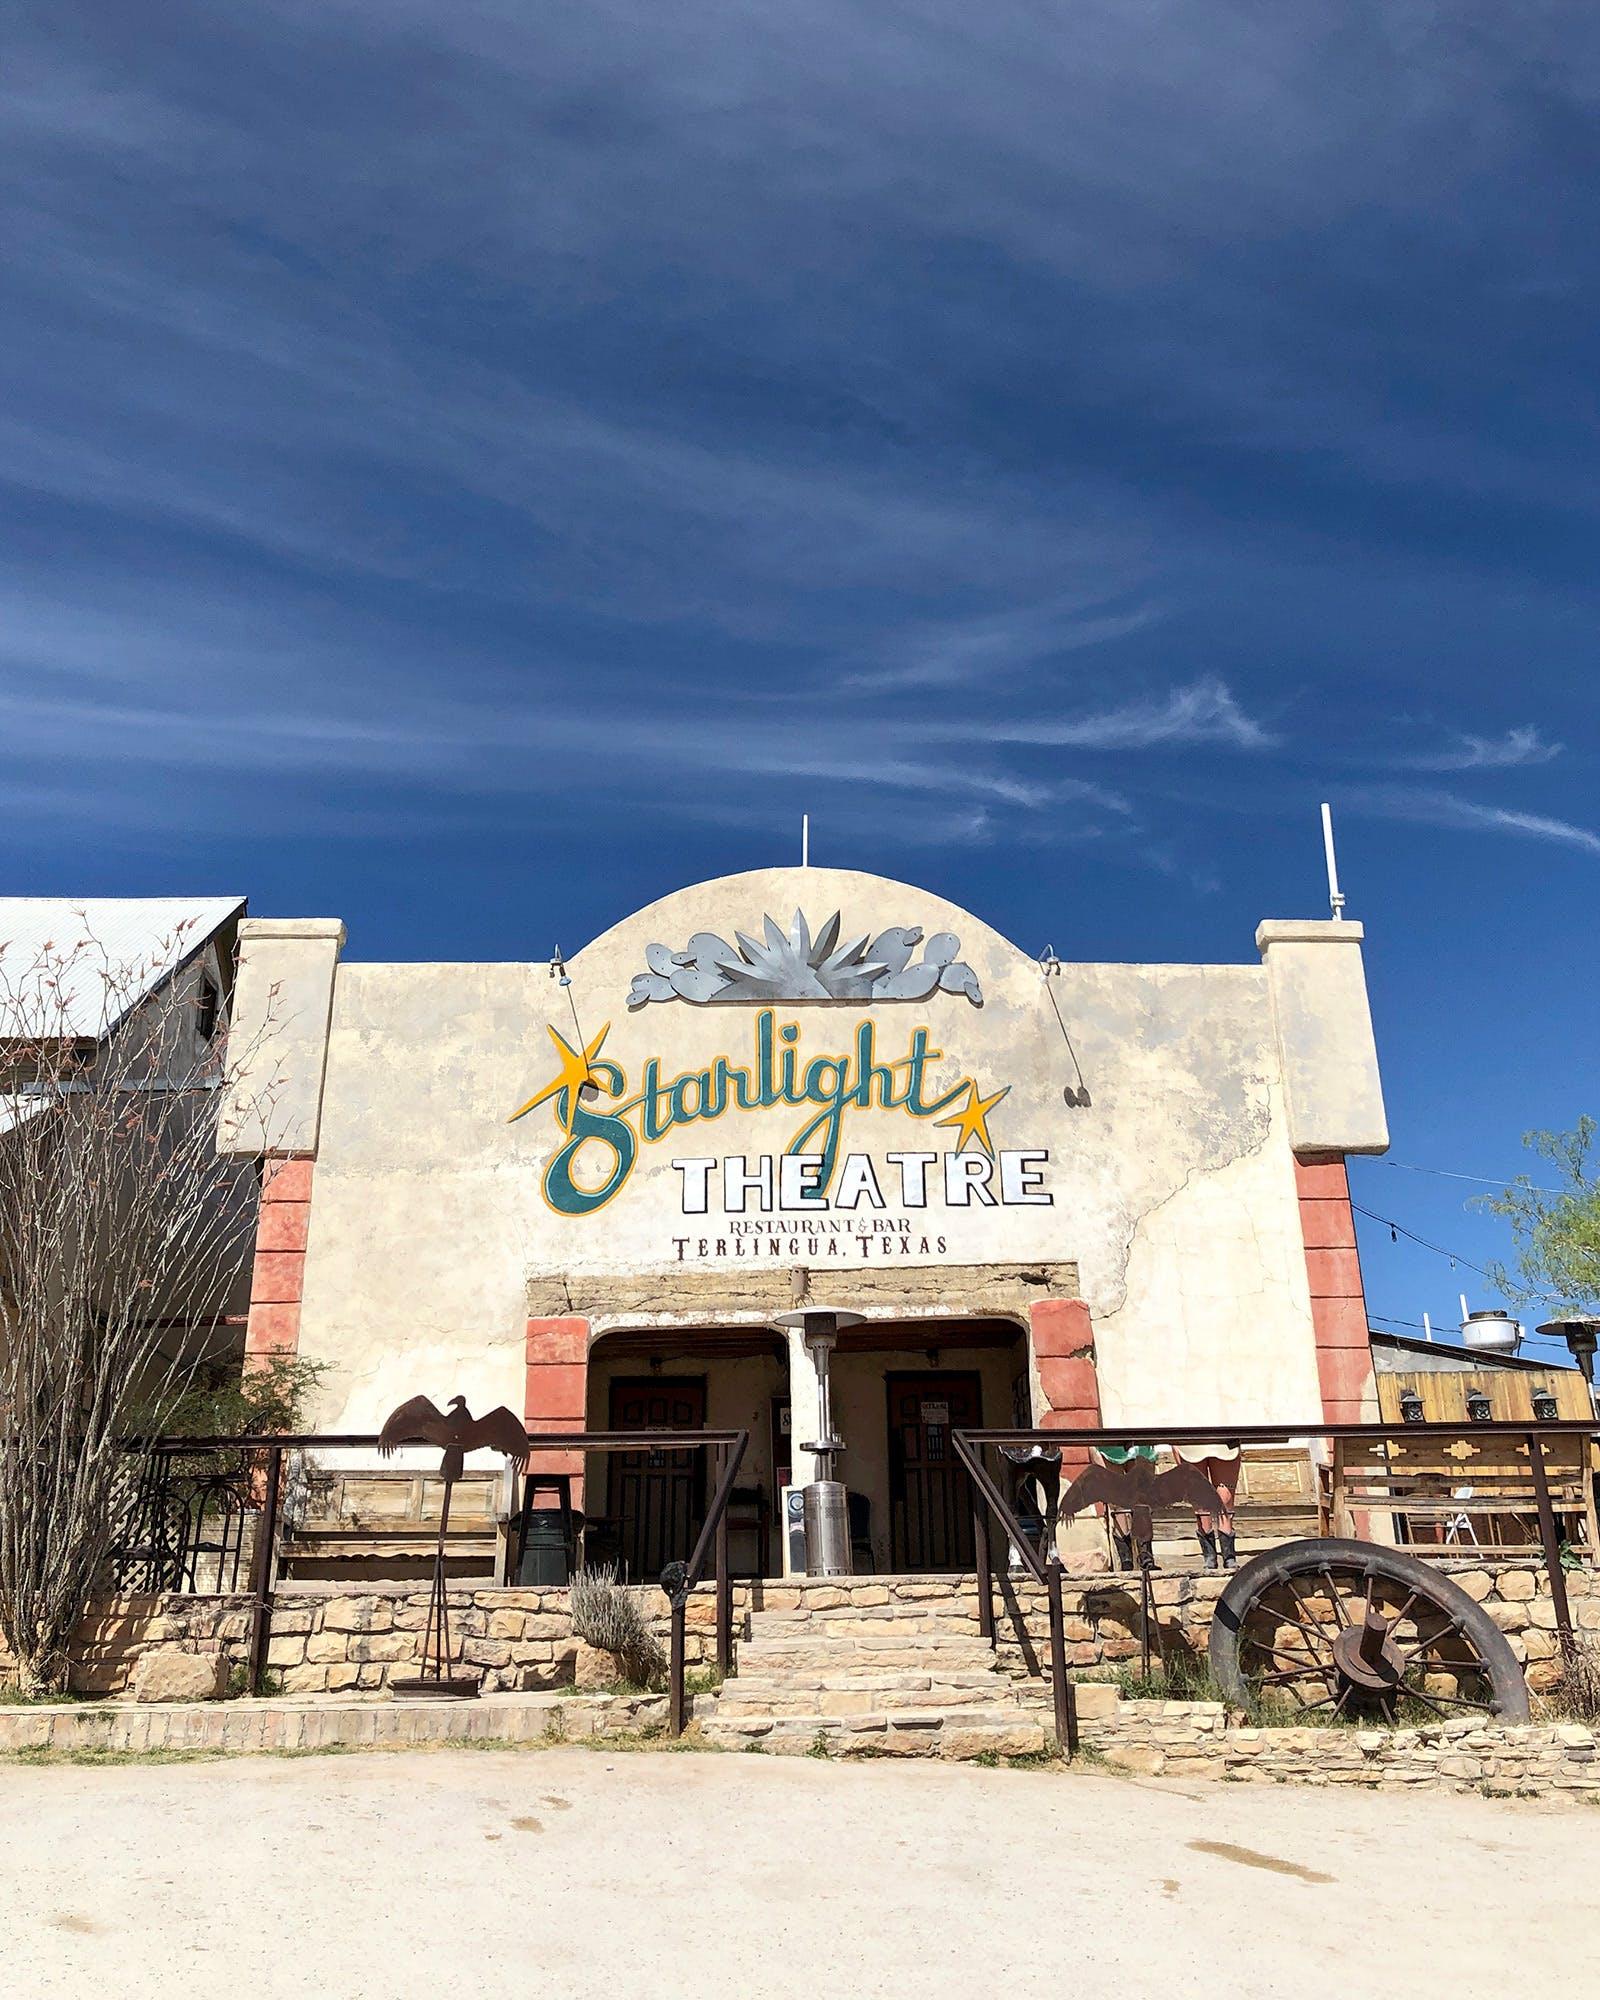 The exterior of Starlight Theatre in Terlingua.